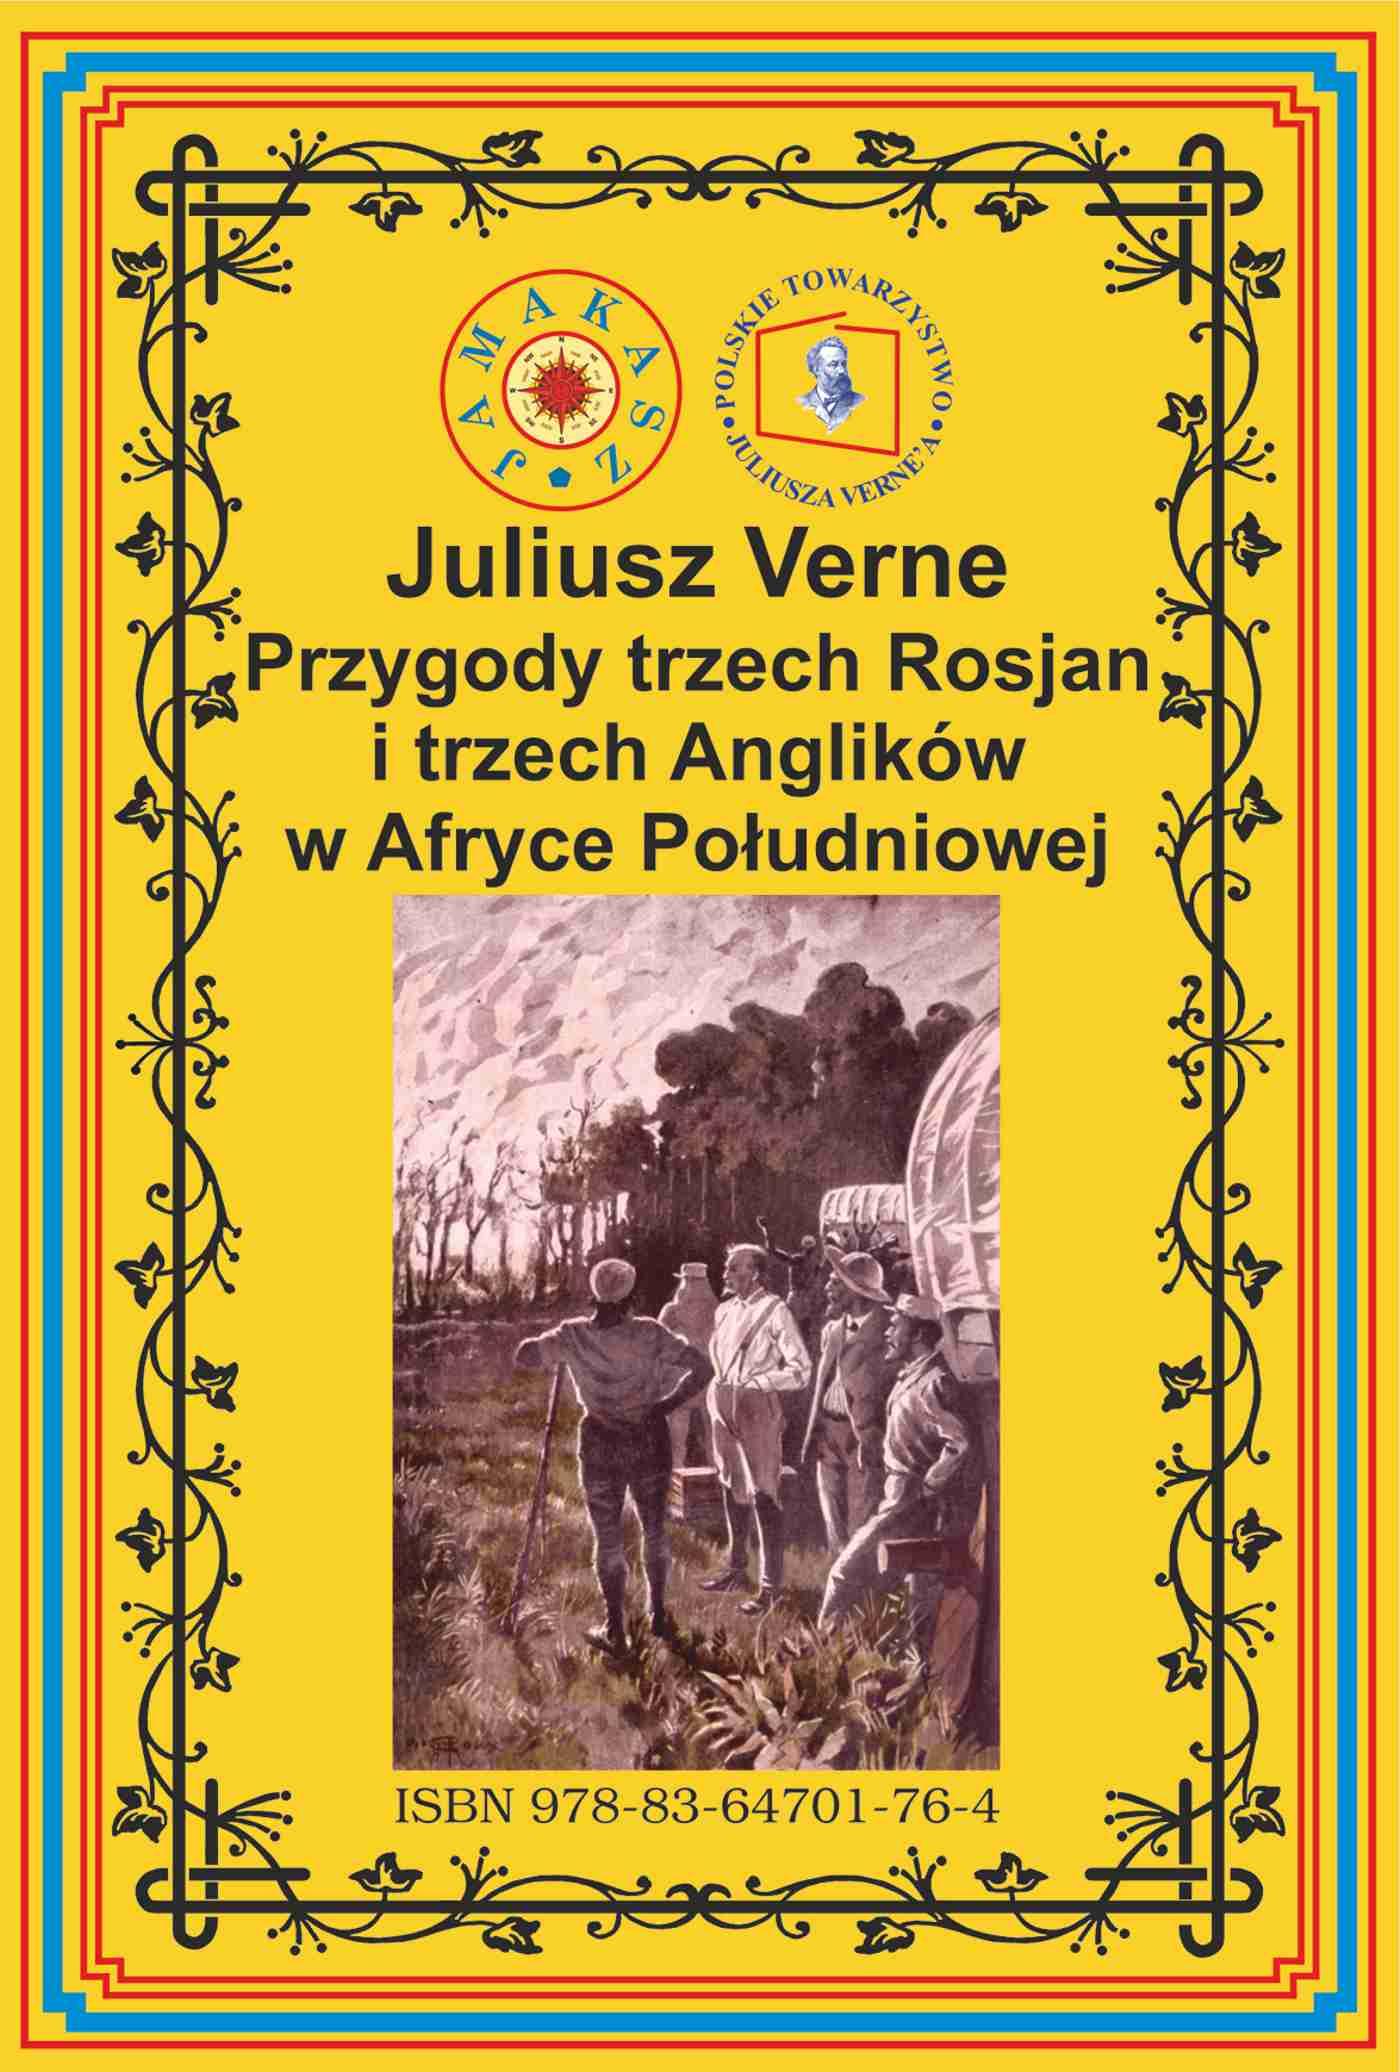 Przygody trzech Rosjan i trzech Anglików w Afryce Południowej - Ebook (Książka EPUB) do pobrania w formacie EPUB